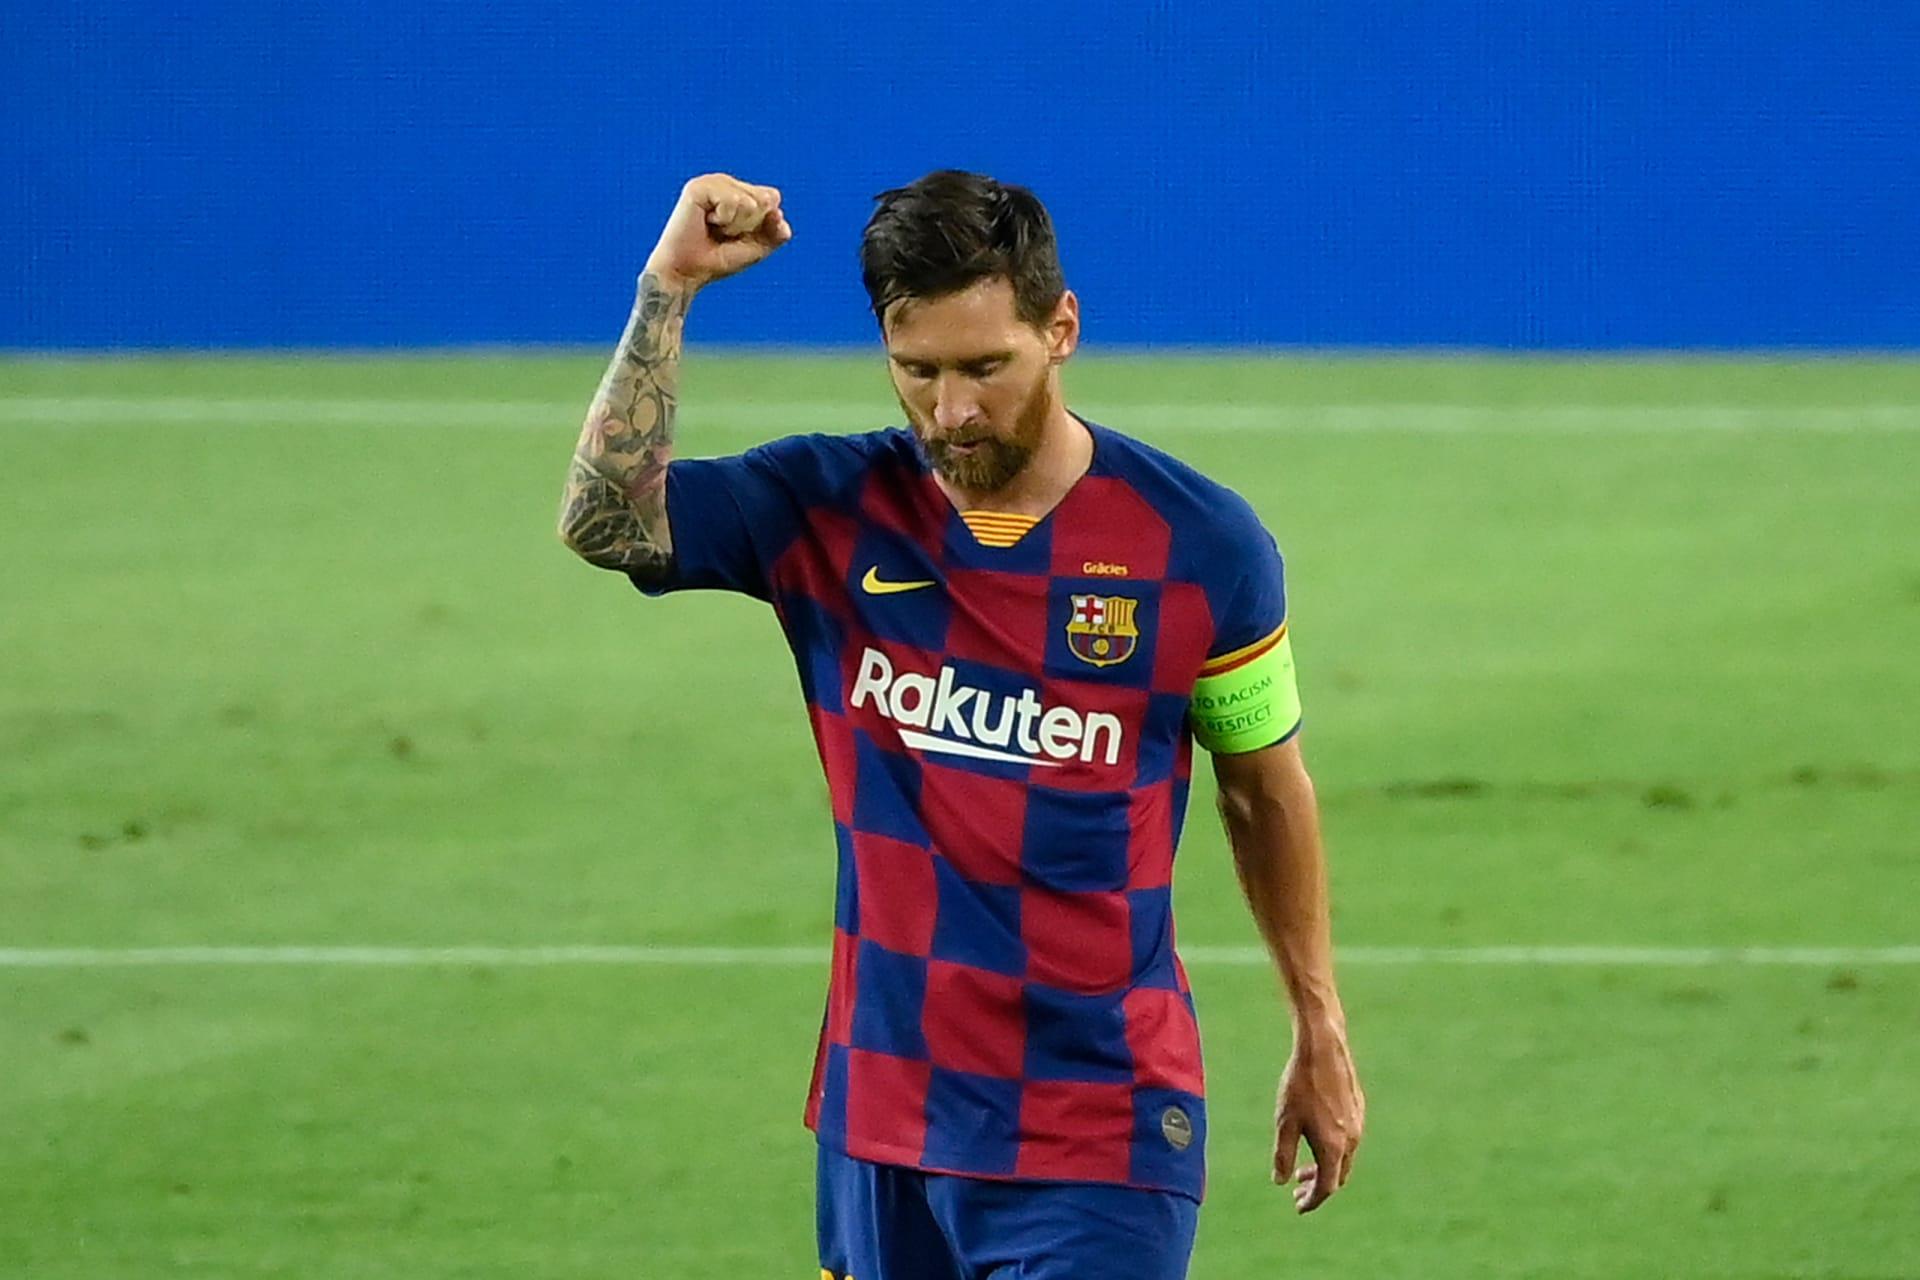 تظاهر جماهير برشلونة لرفض رحيل ميسي وسط هتافات مناهضة لبارتوميو